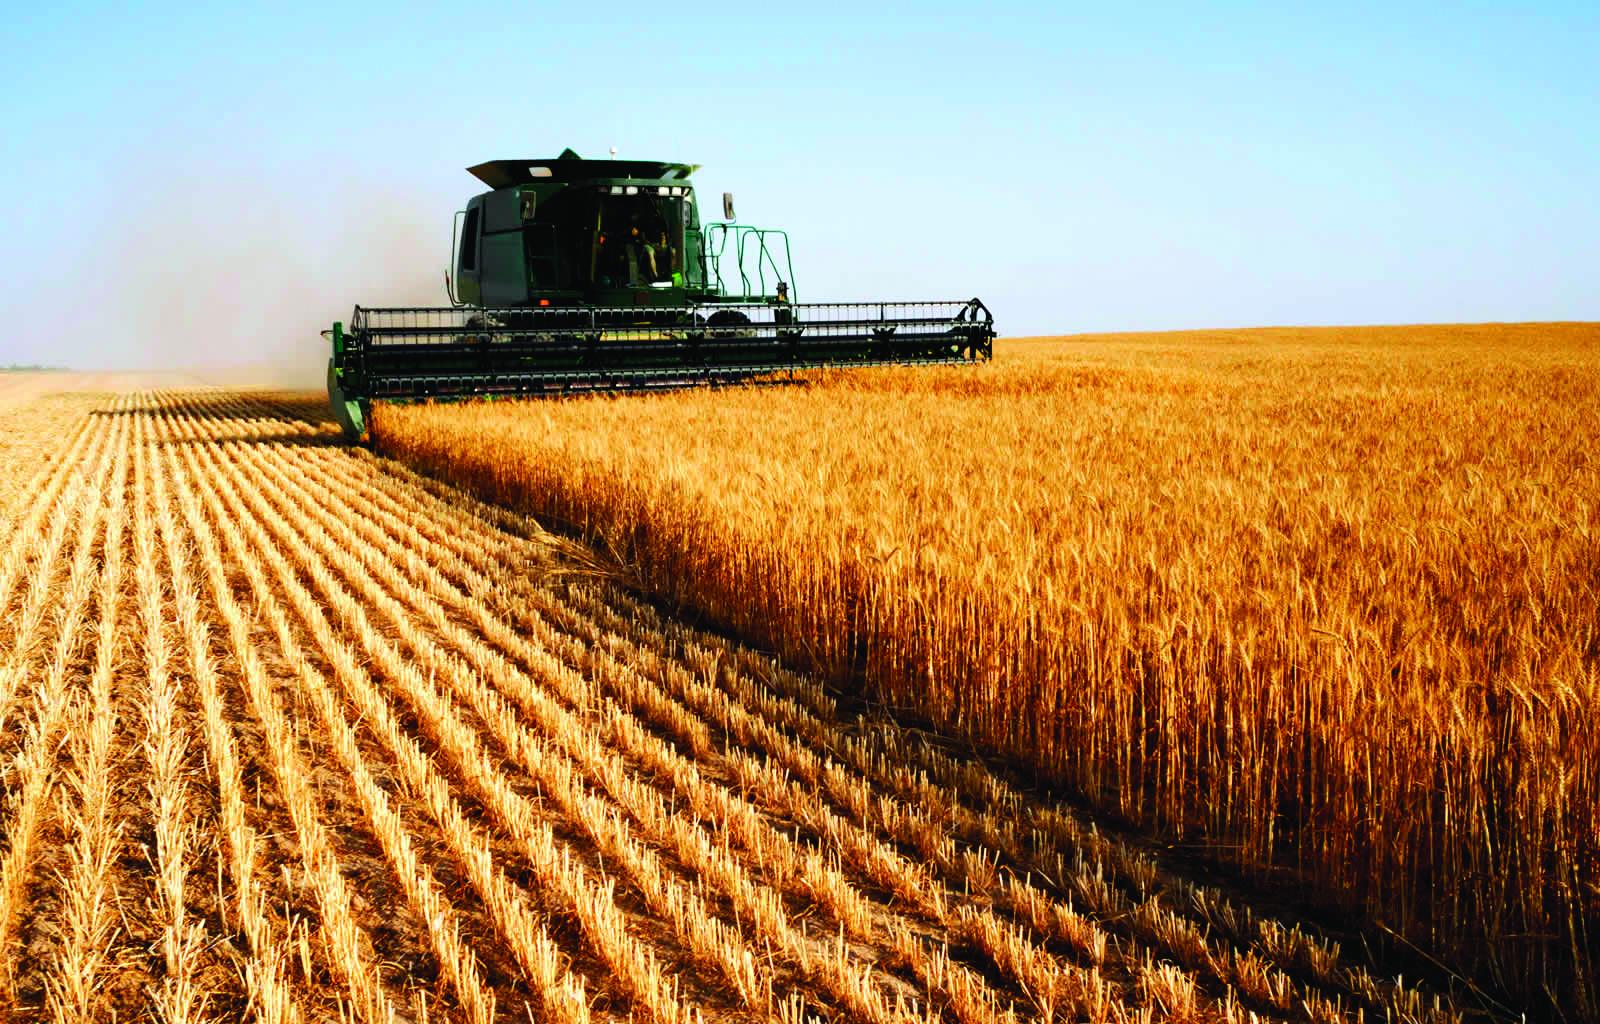 Особливості права постійного користування землею фермерськими господарствами